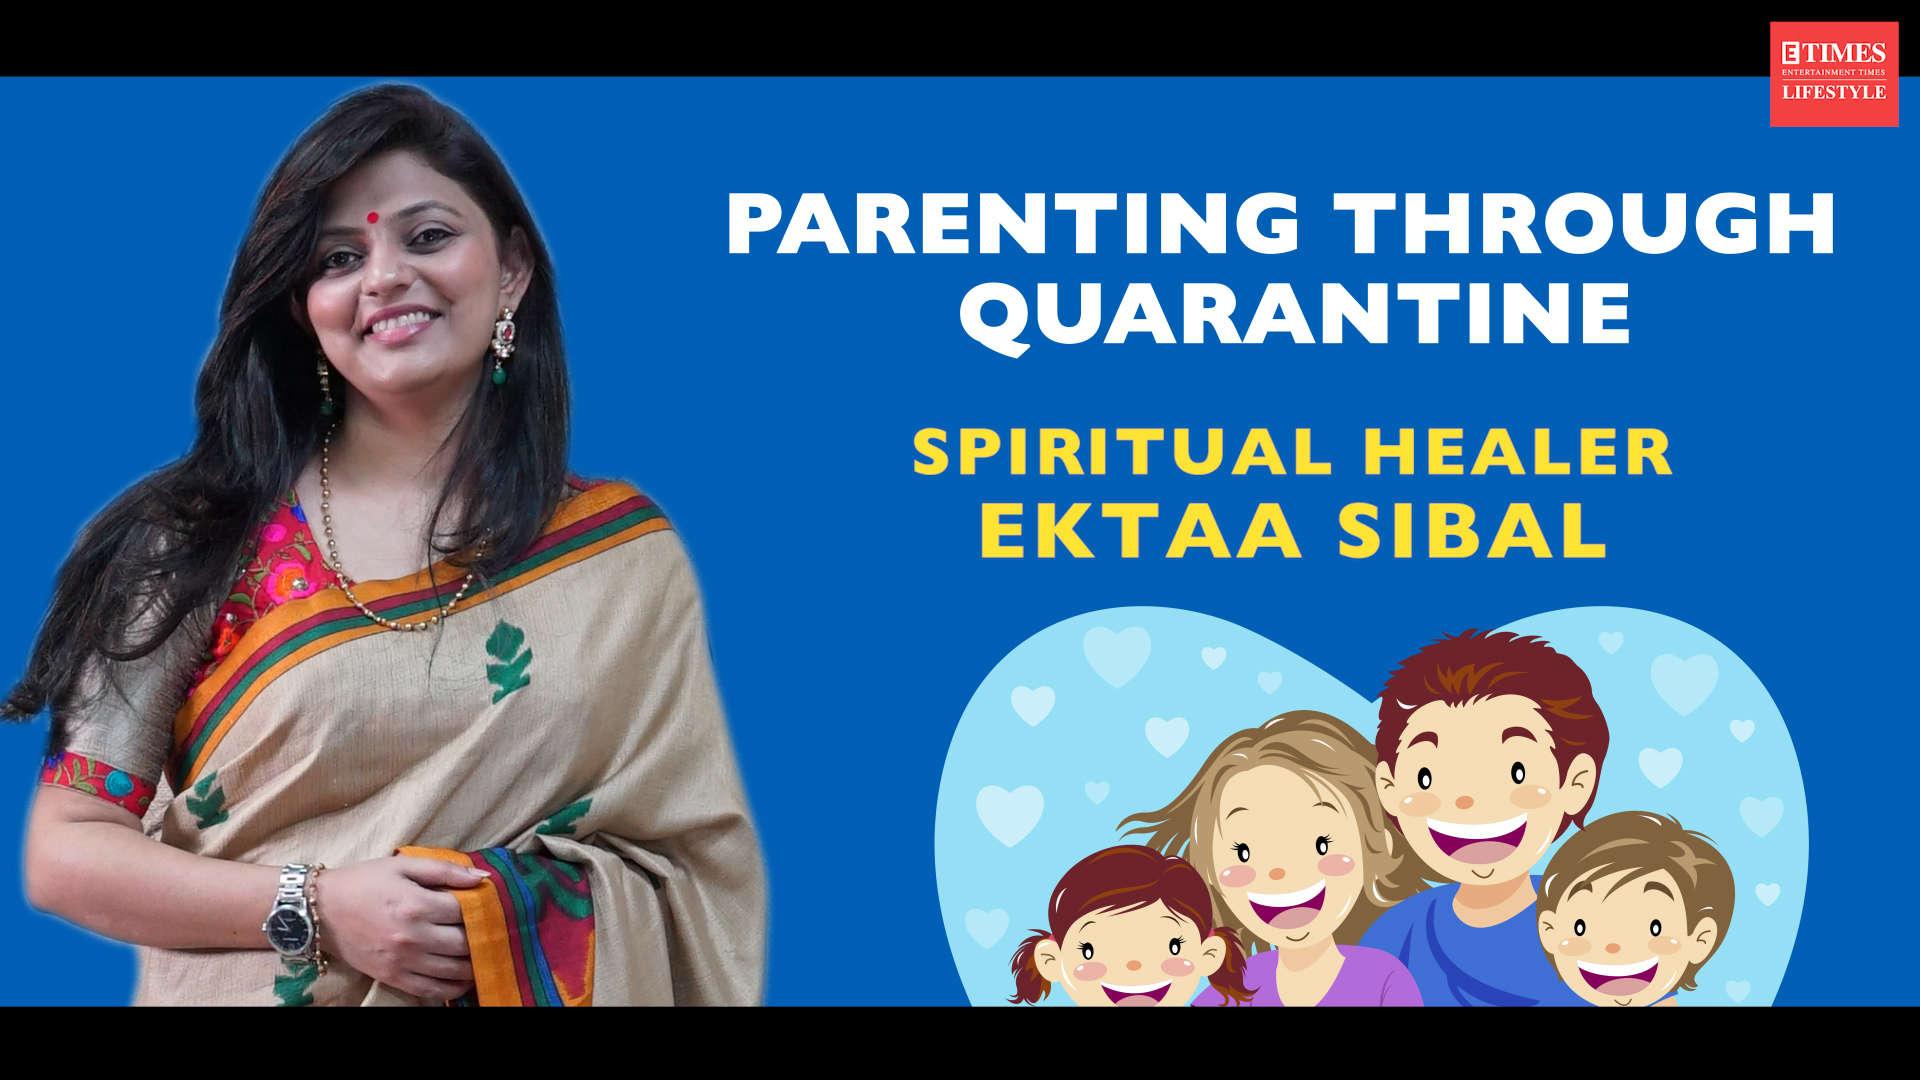 Parenting Through Quarantine With Ektaa Sibal Lifestyle Times Of India Videos